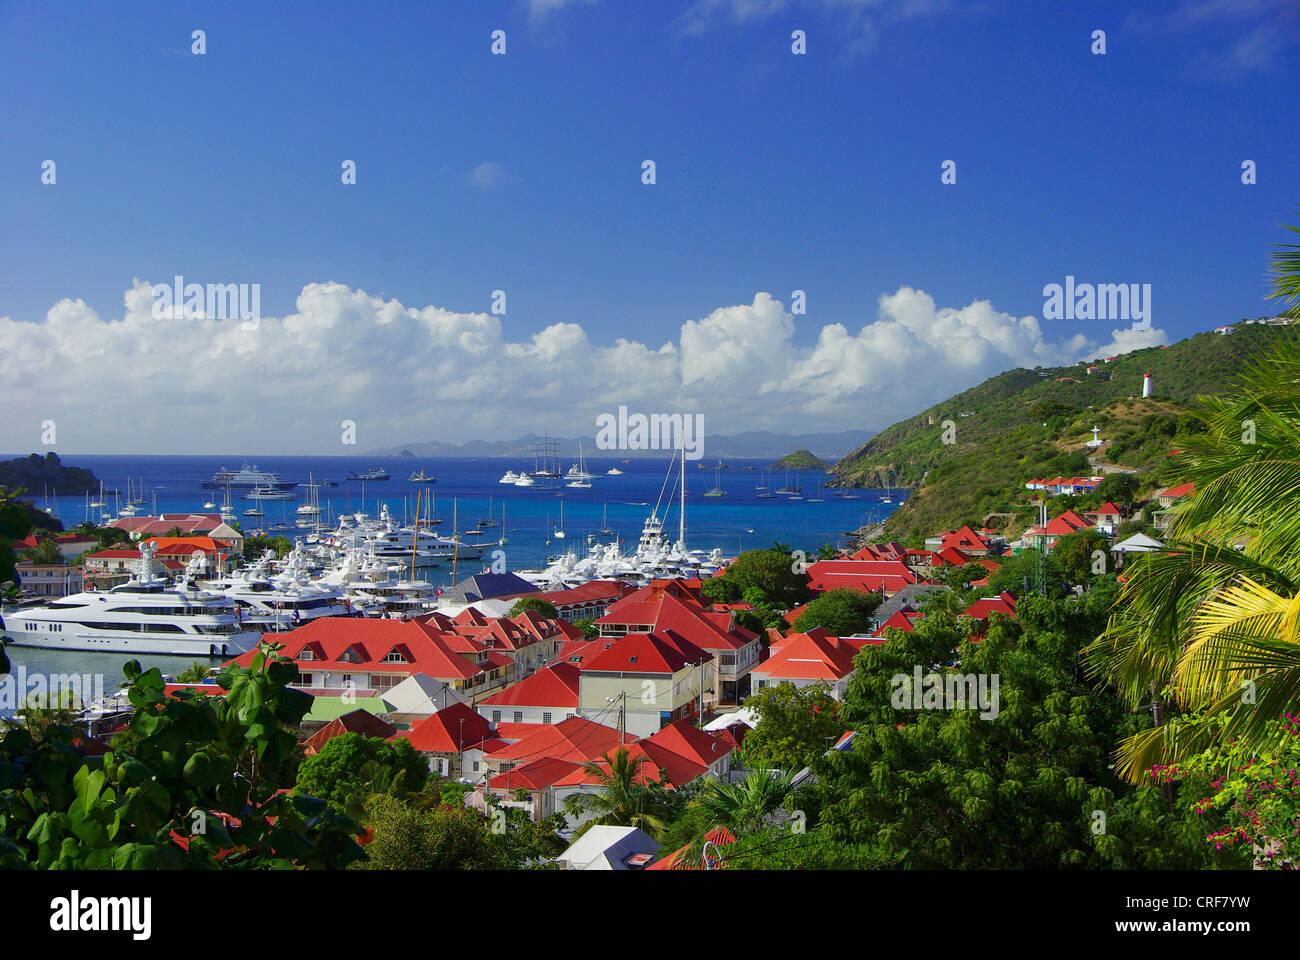 Saint Barth, Gustavia, Franzoesiche Antillen, Saint-Barthlmy Banque D'Images